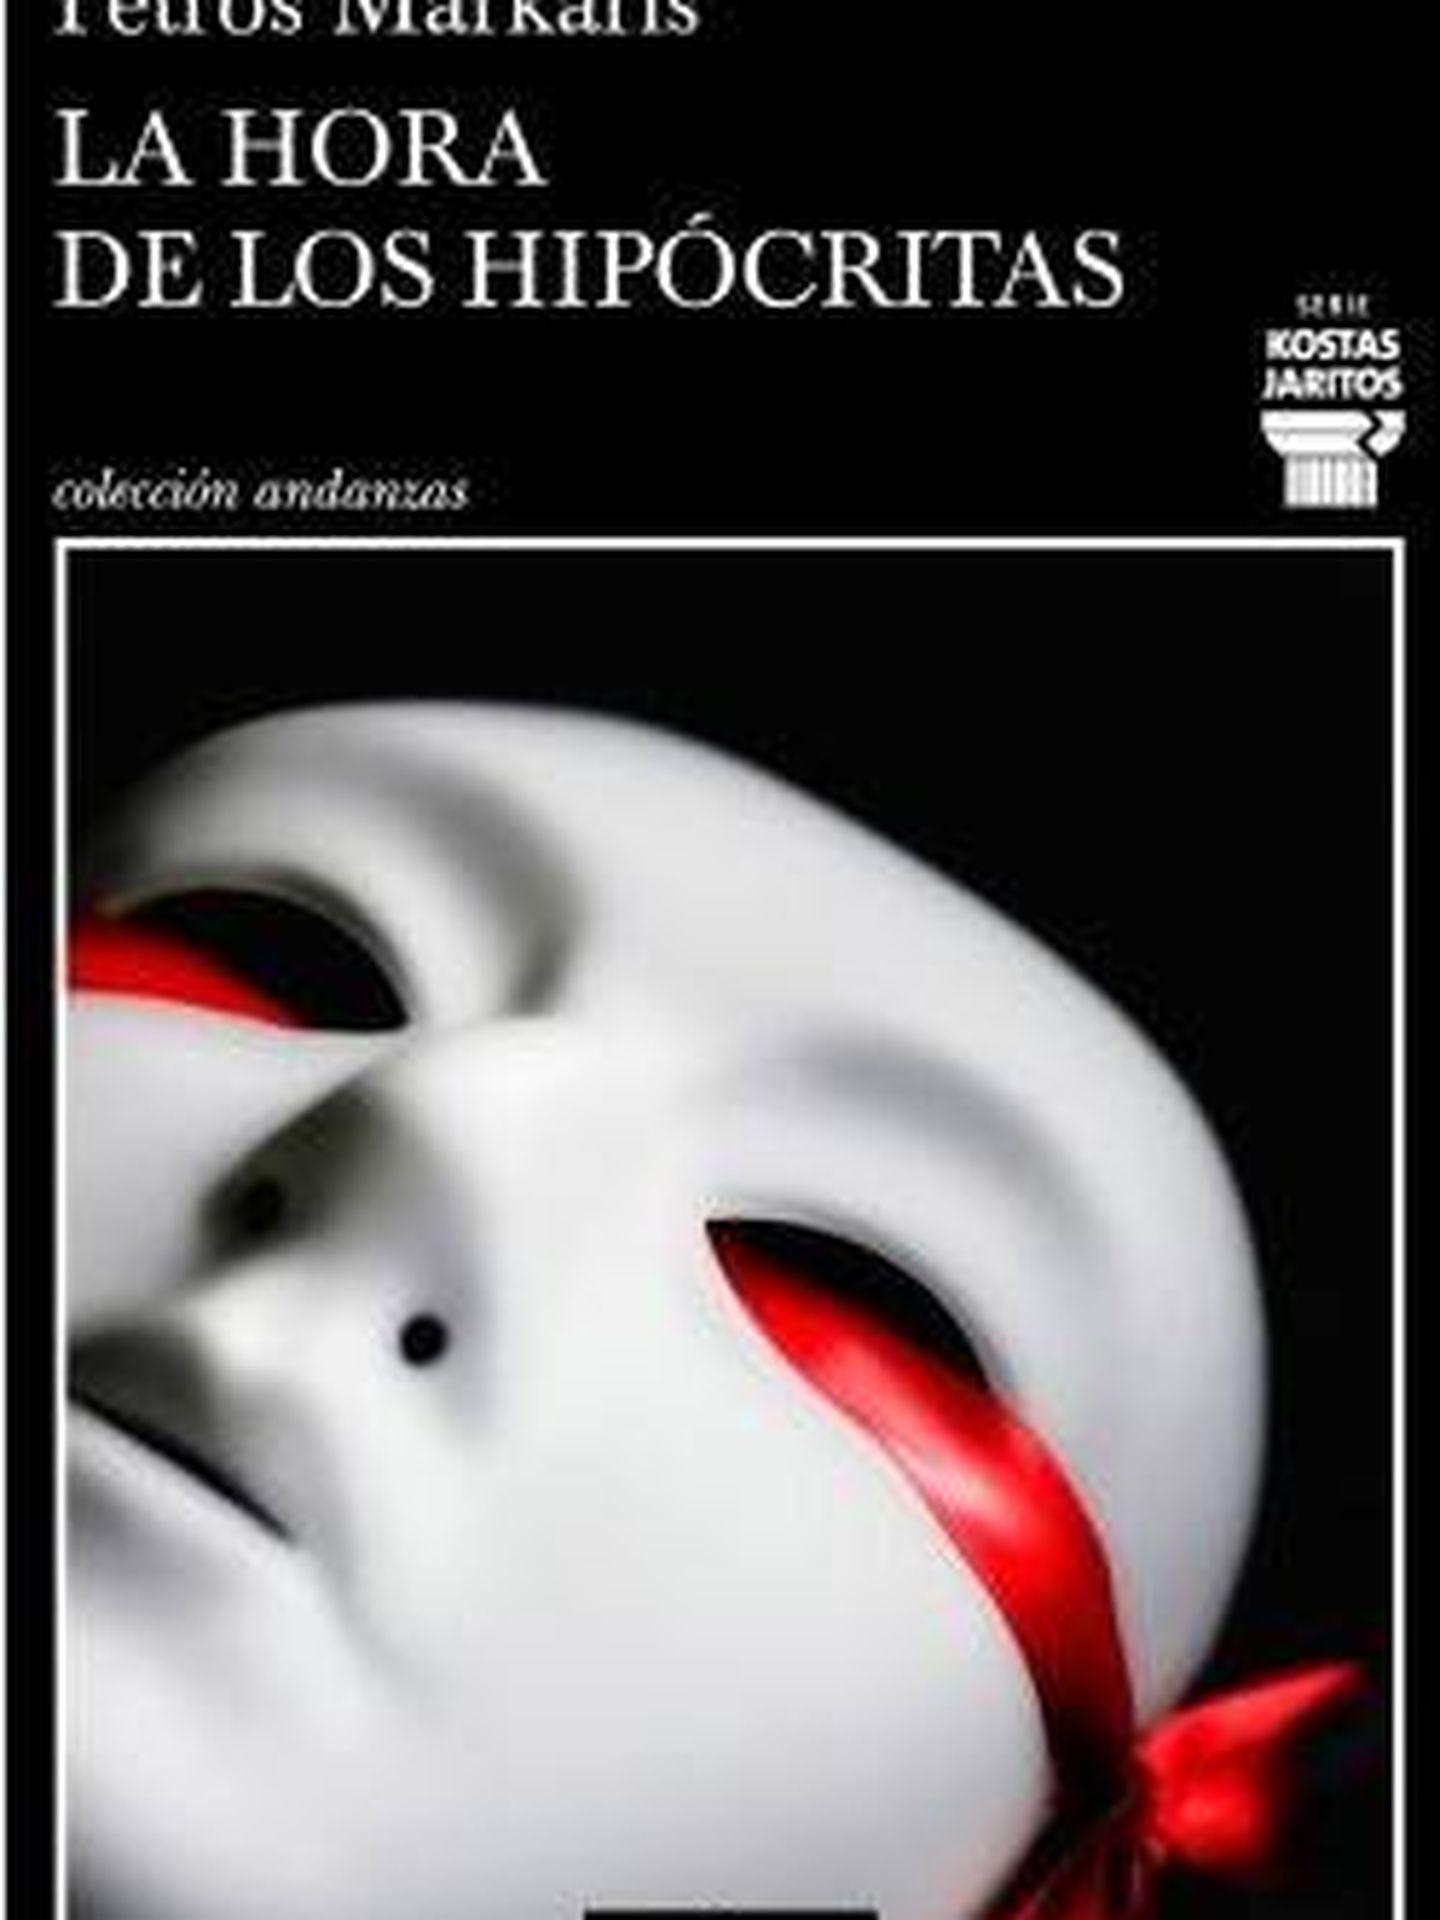 'La hora de los hipócritas'.